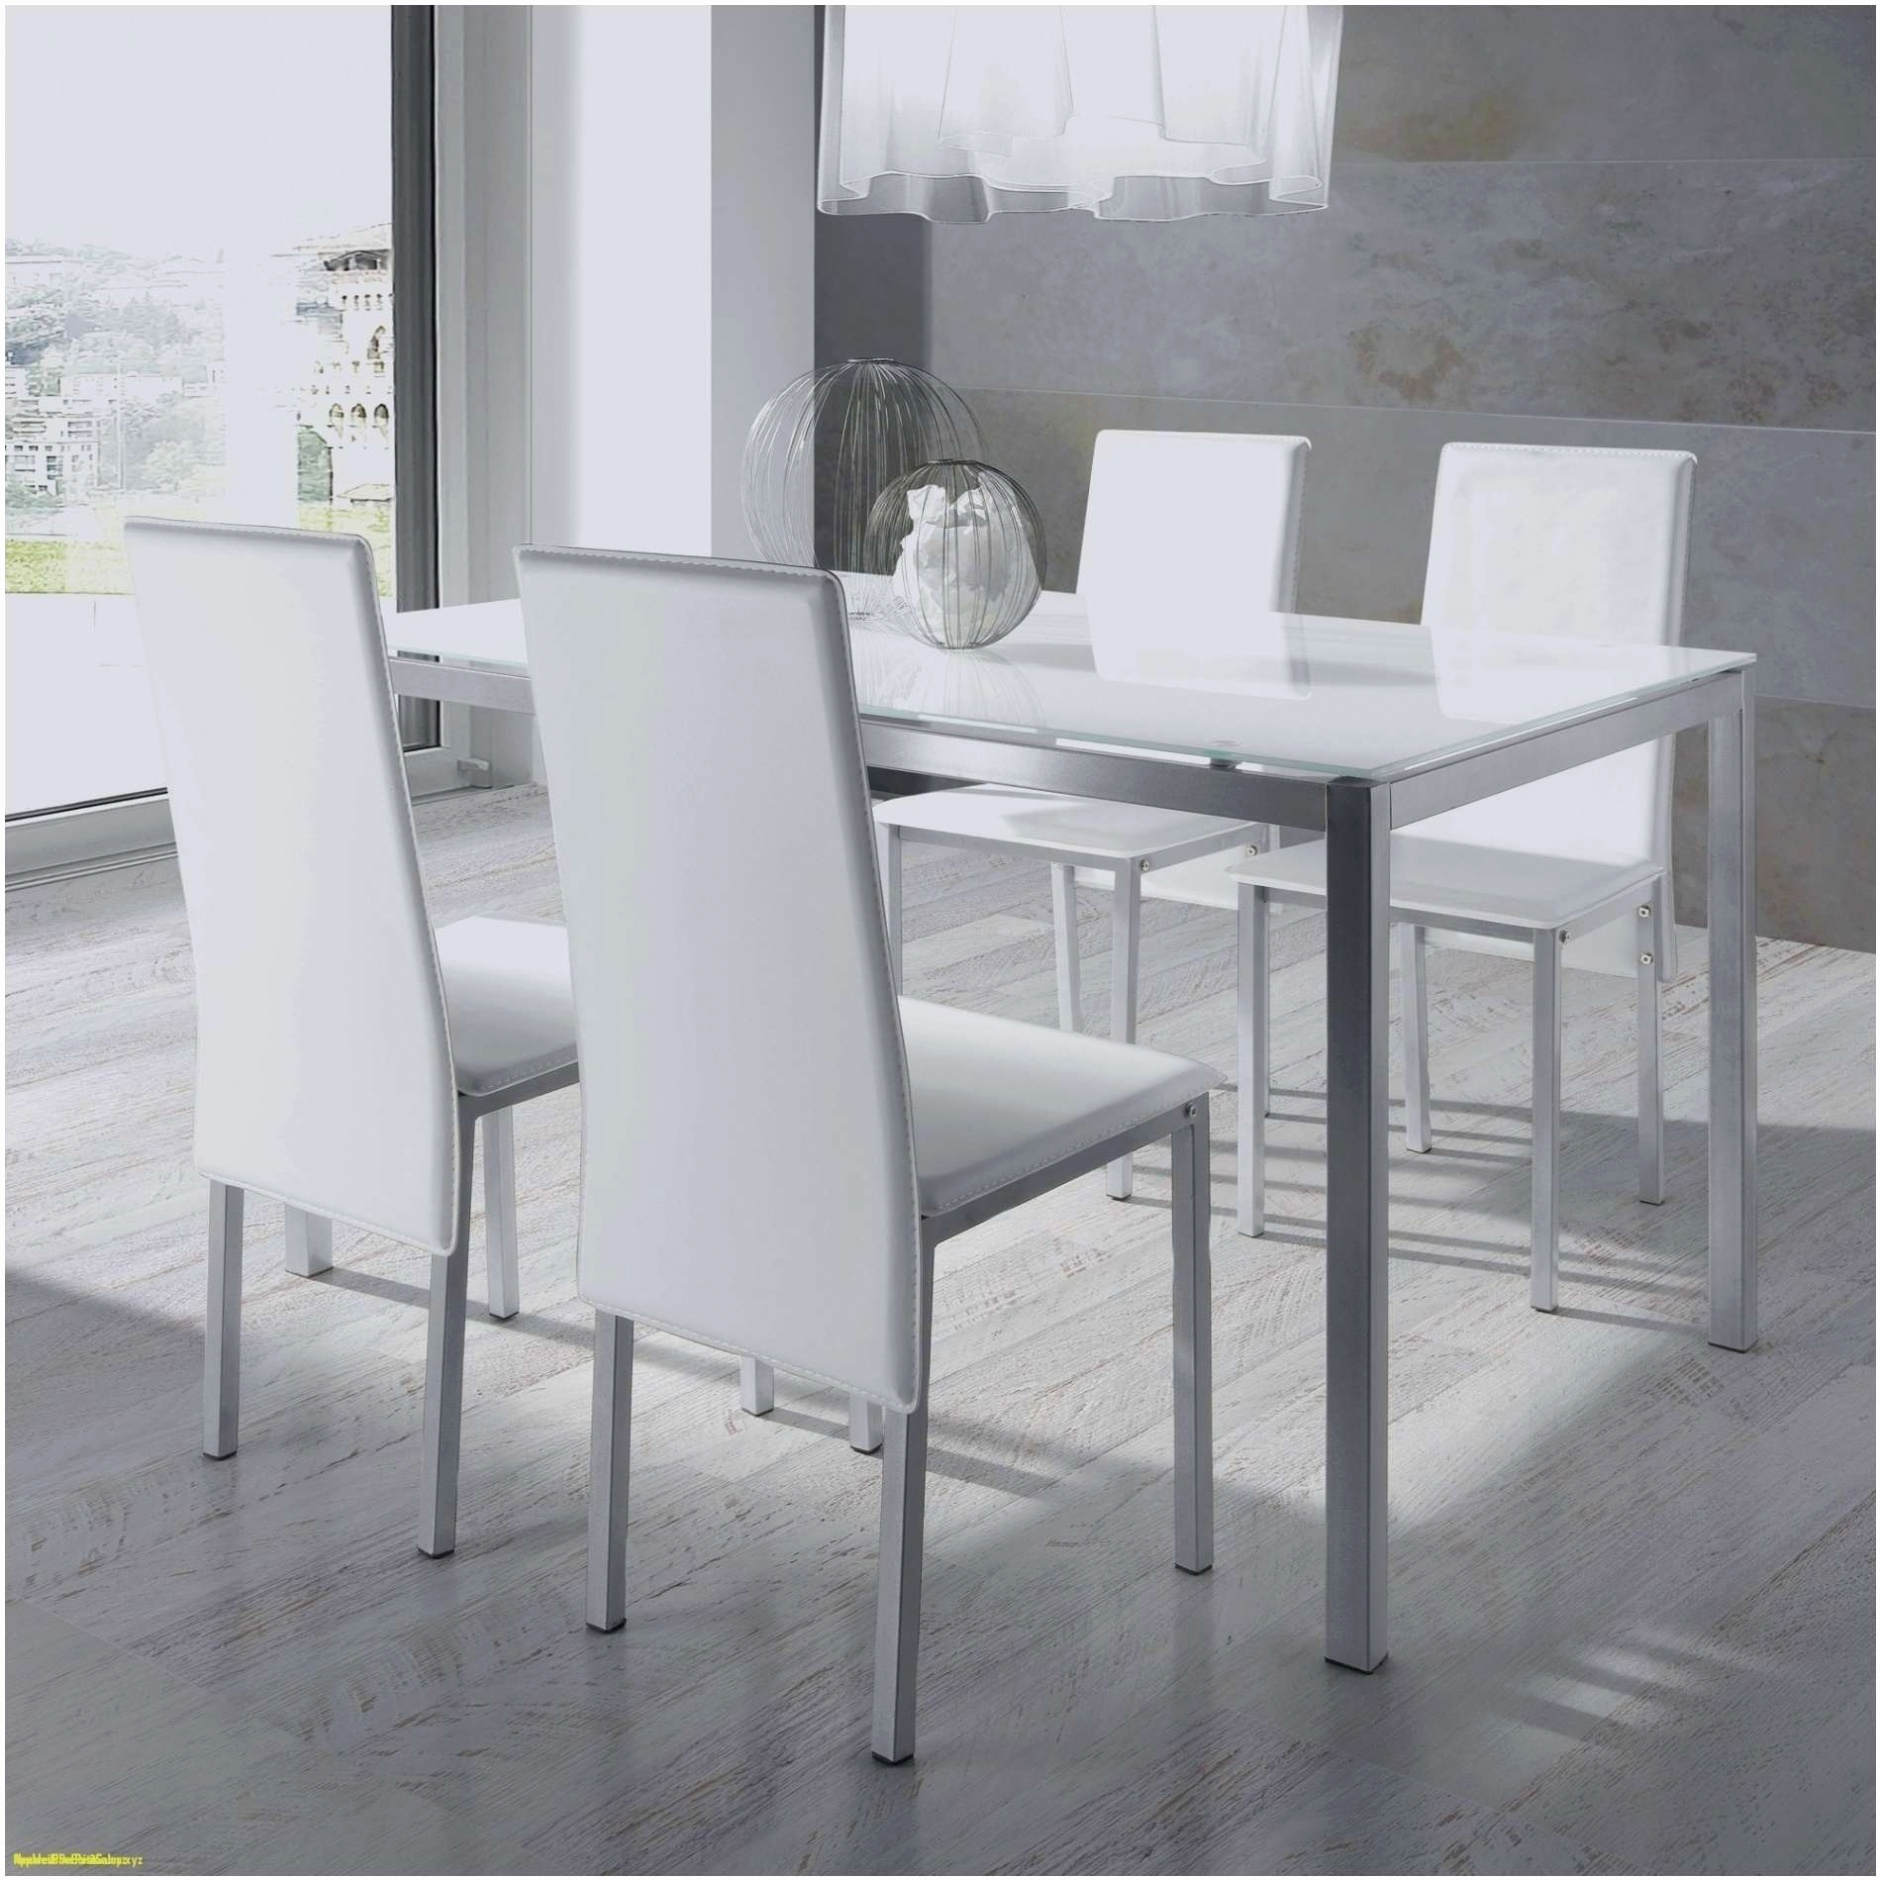 Fauteuil Table à Manger Élégant Chaise De Salle A Manger Ikea Inspiré Manger Chez Ikea